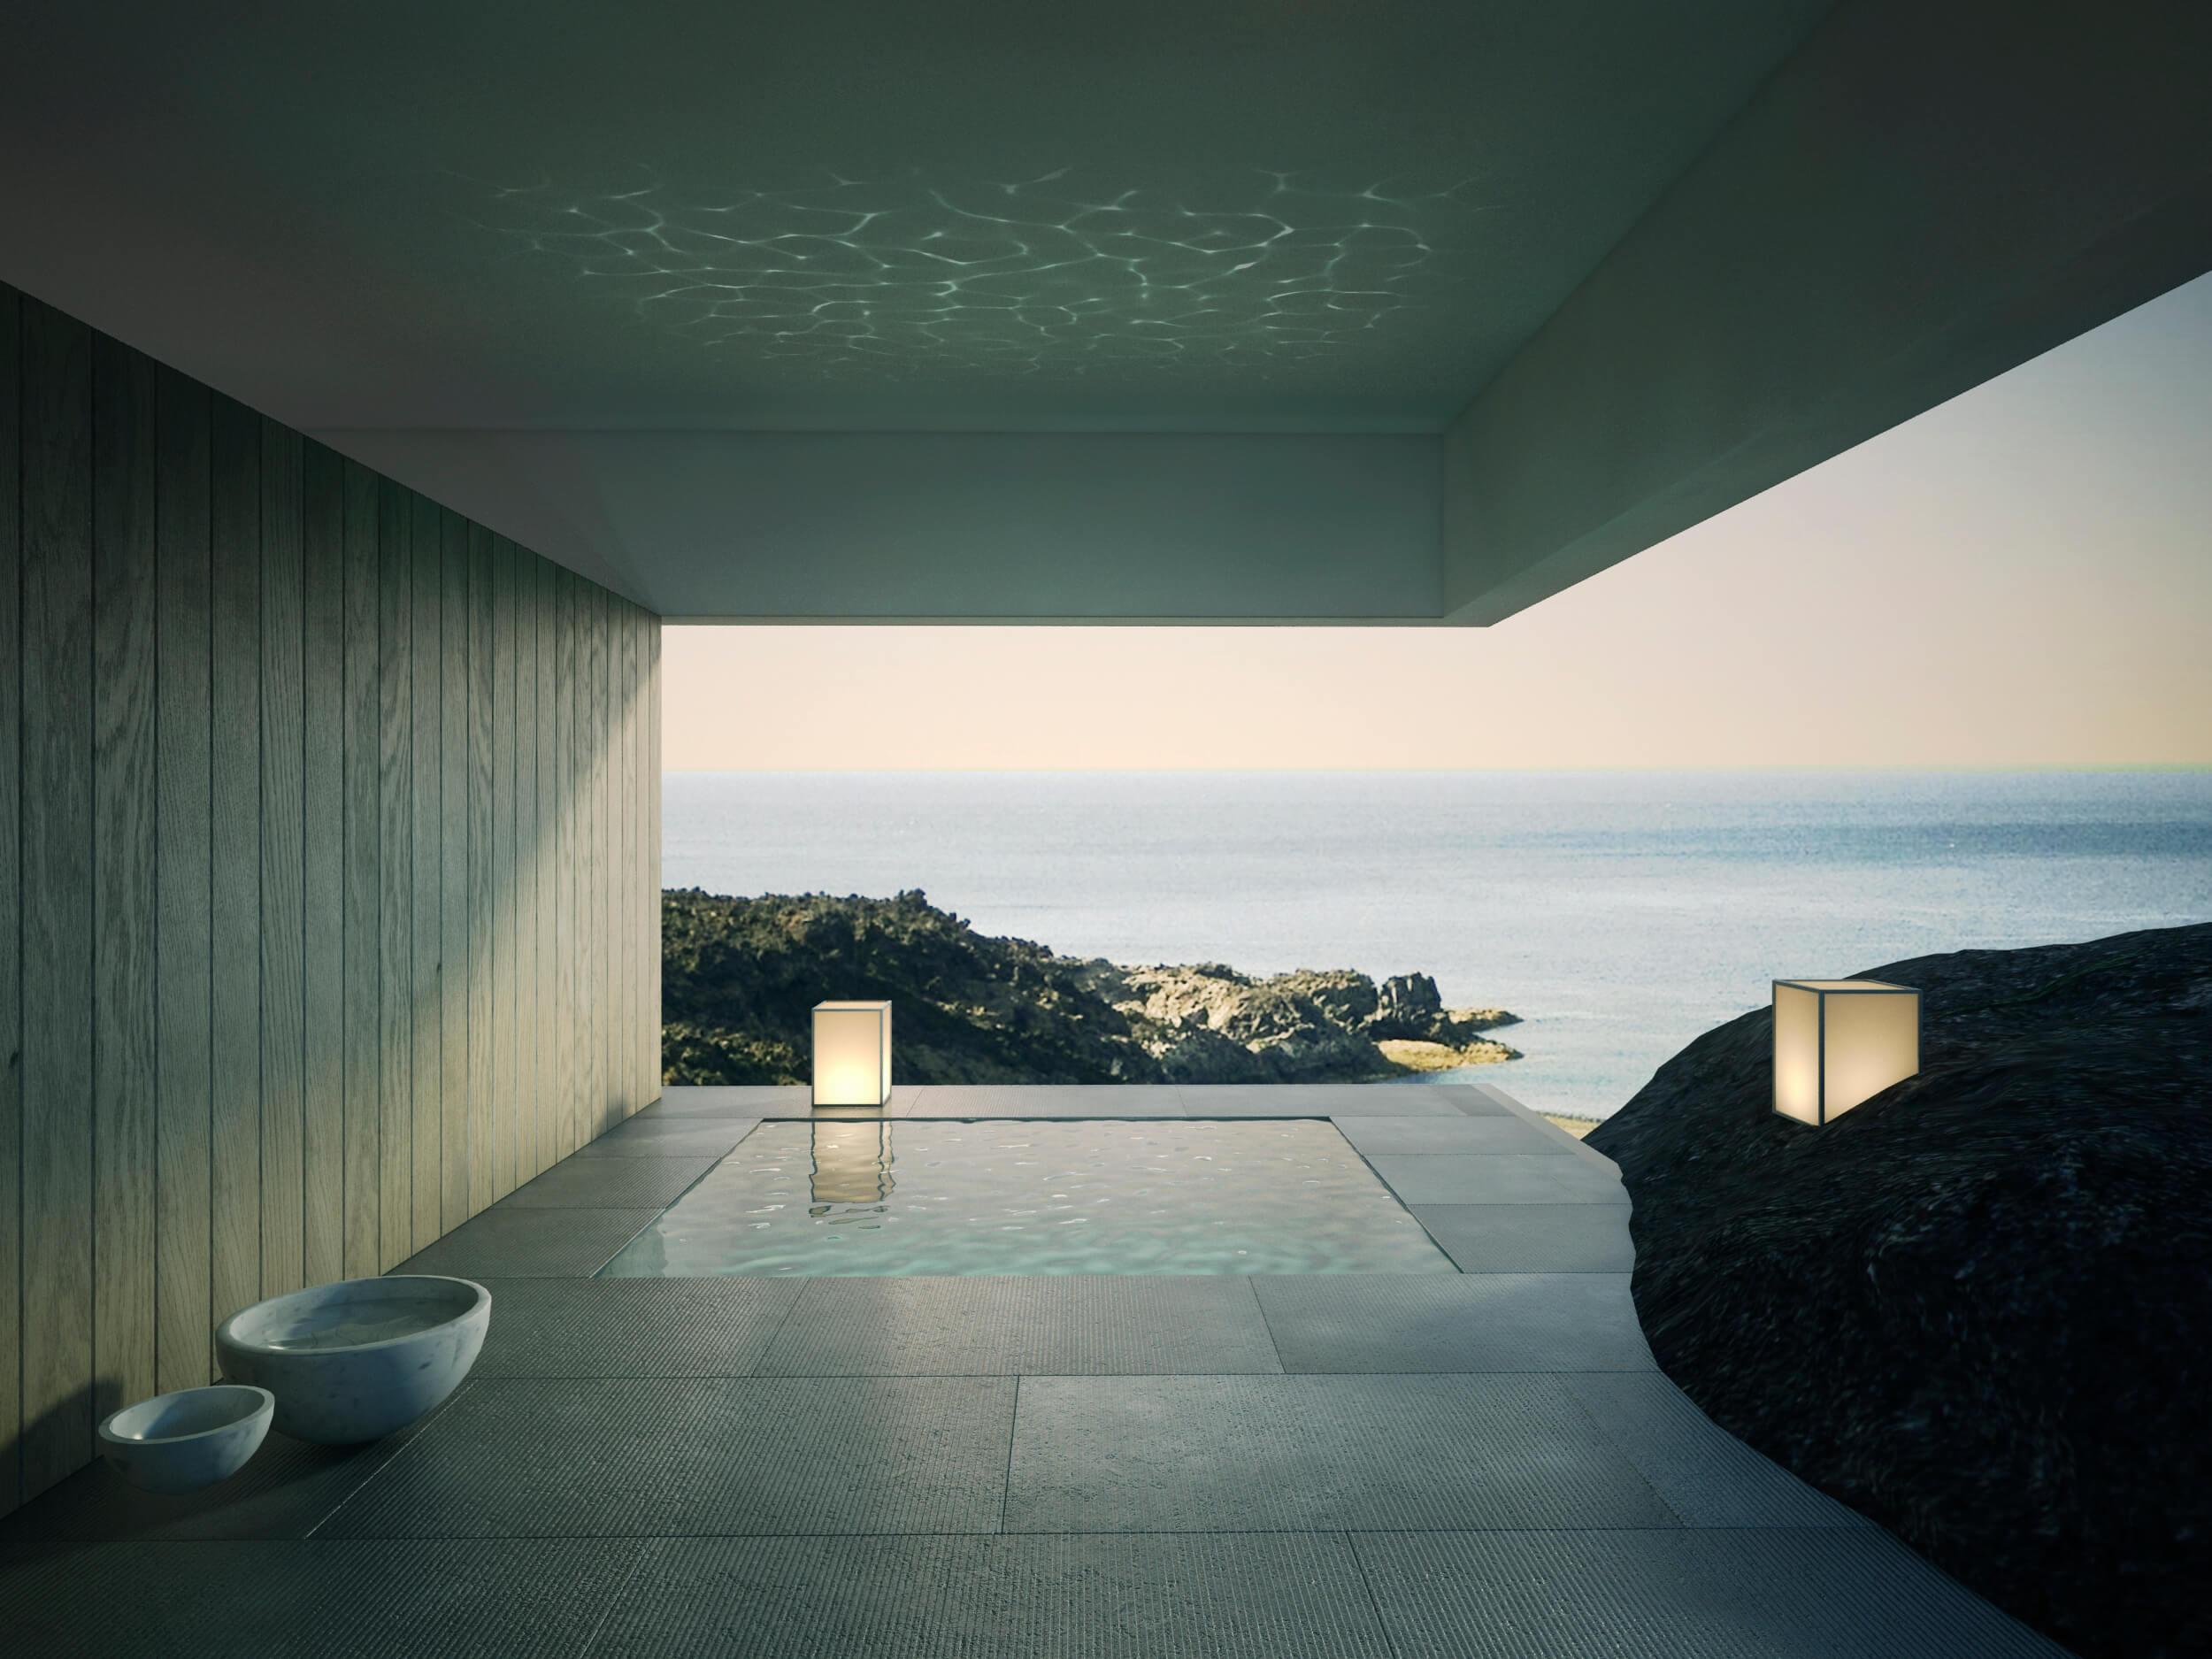 planell-hirsch_concurso_arquitectura_premio_02